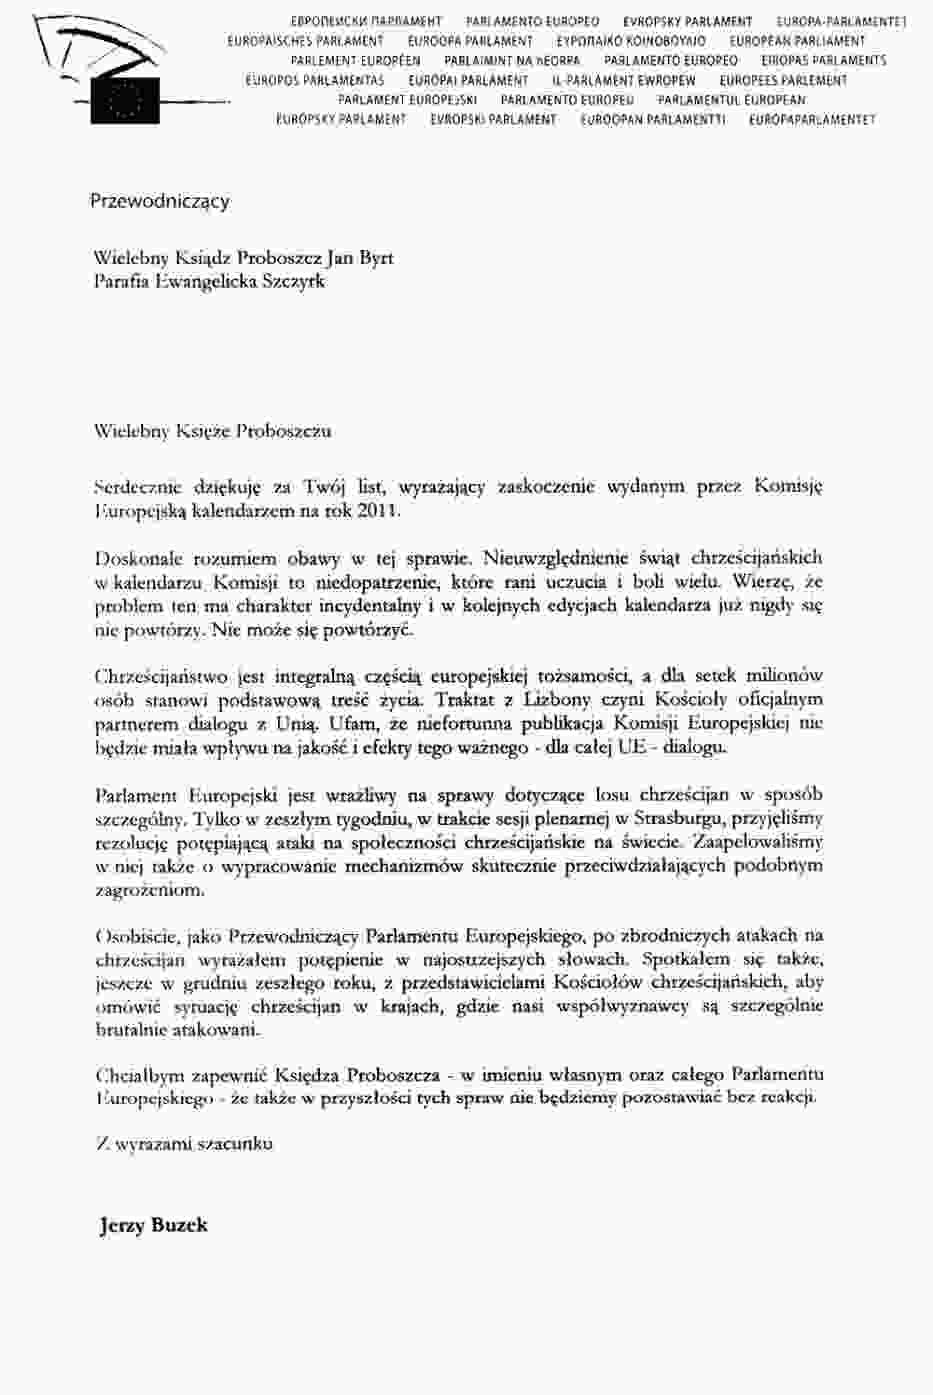 Screen pisma Przewodniczącego Parlamentu Europejskiego Jerzego Buzka